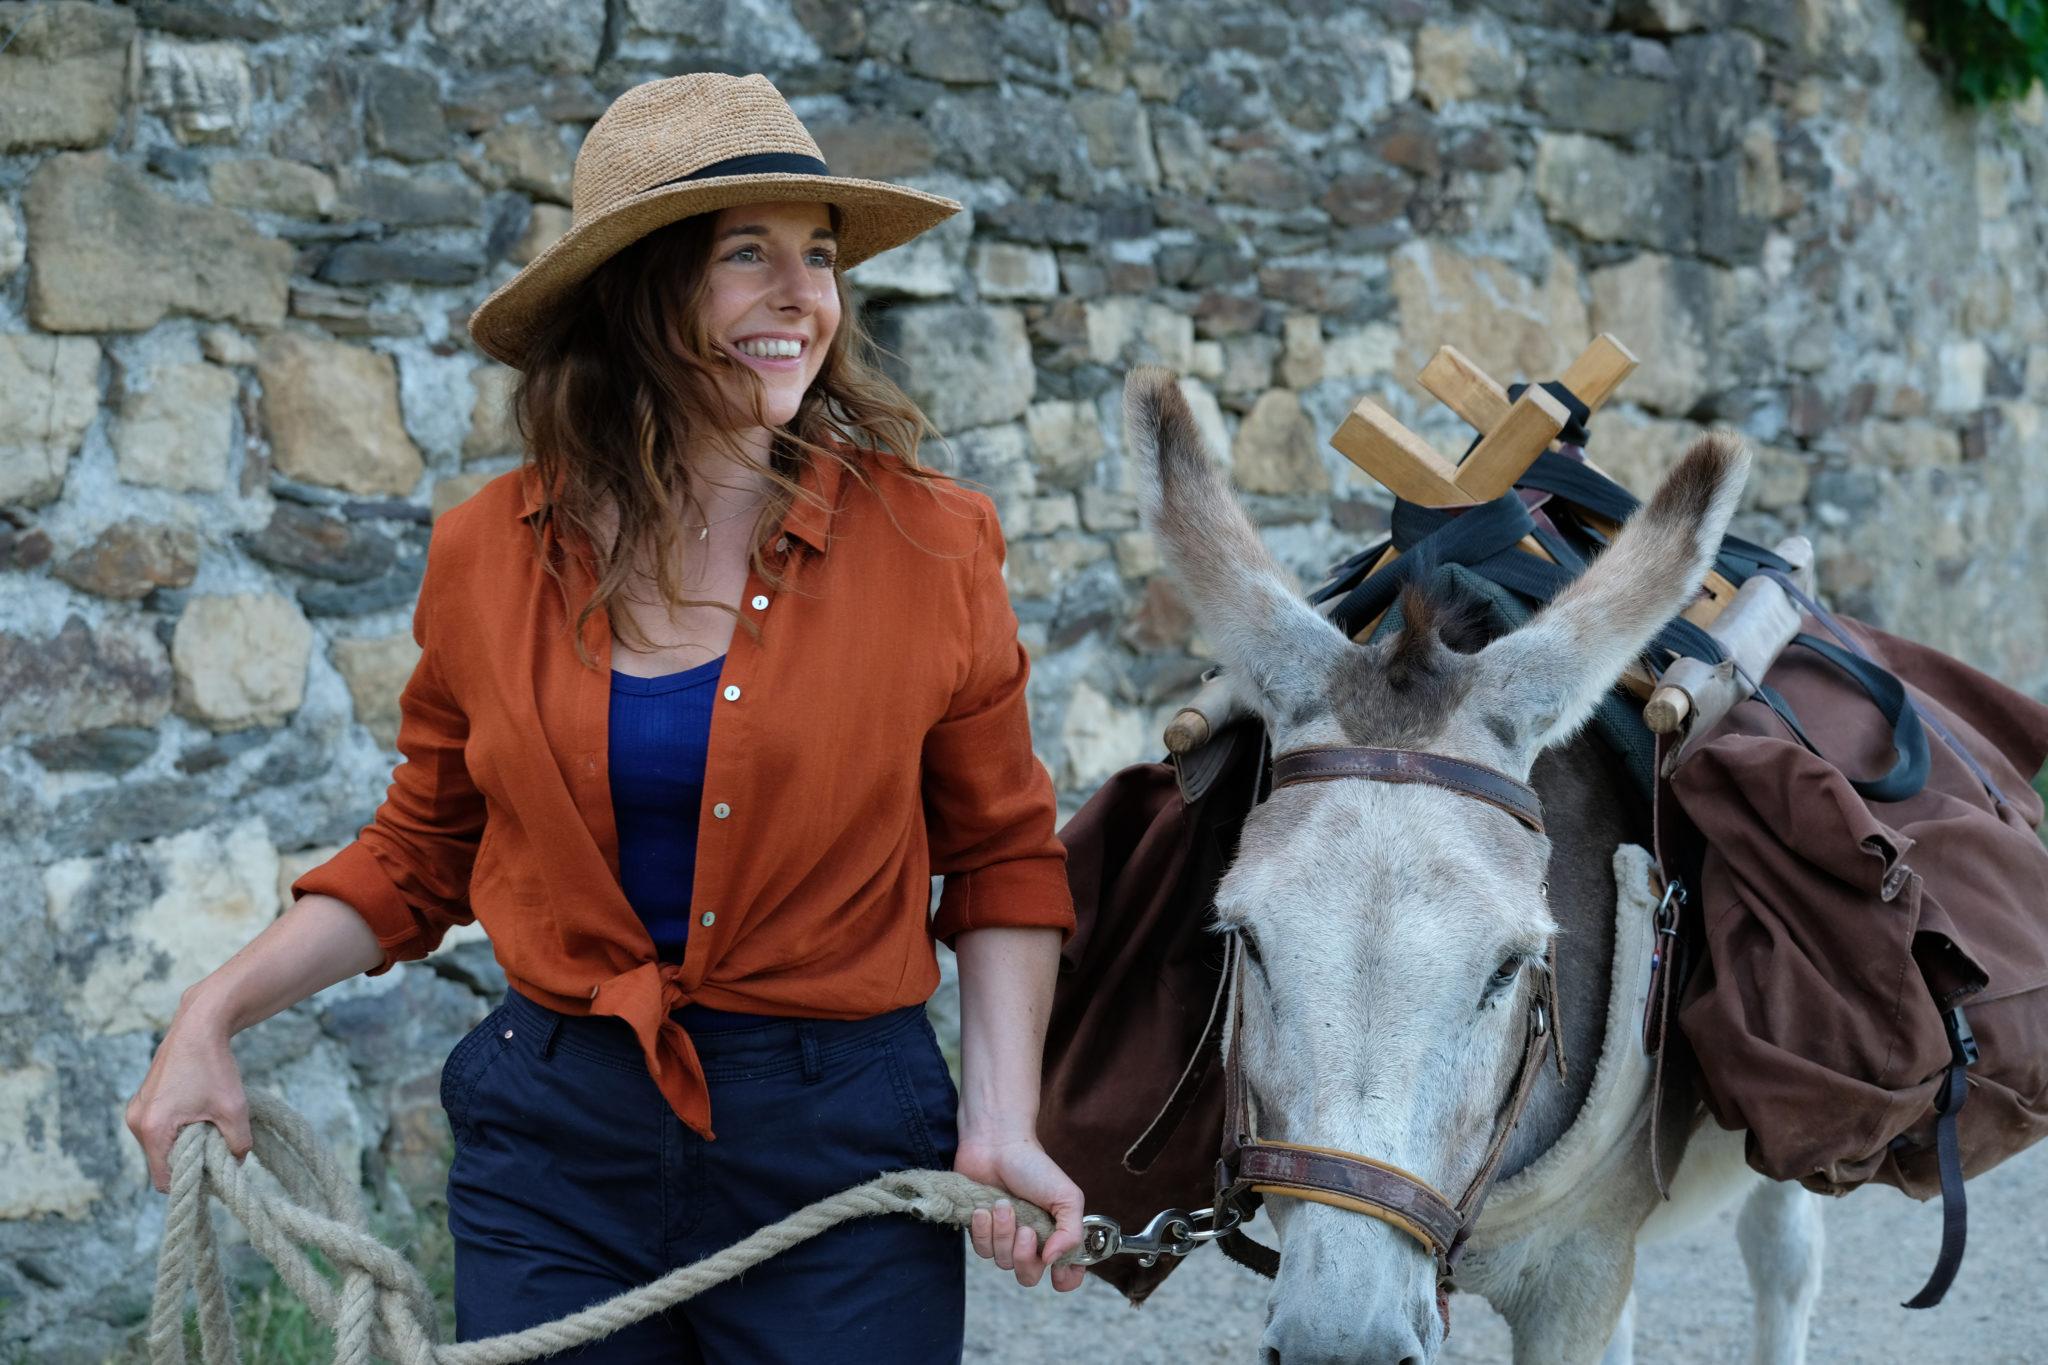 Antoinette_dans_les_Cevennes_Photo_critique_avis_film_2020